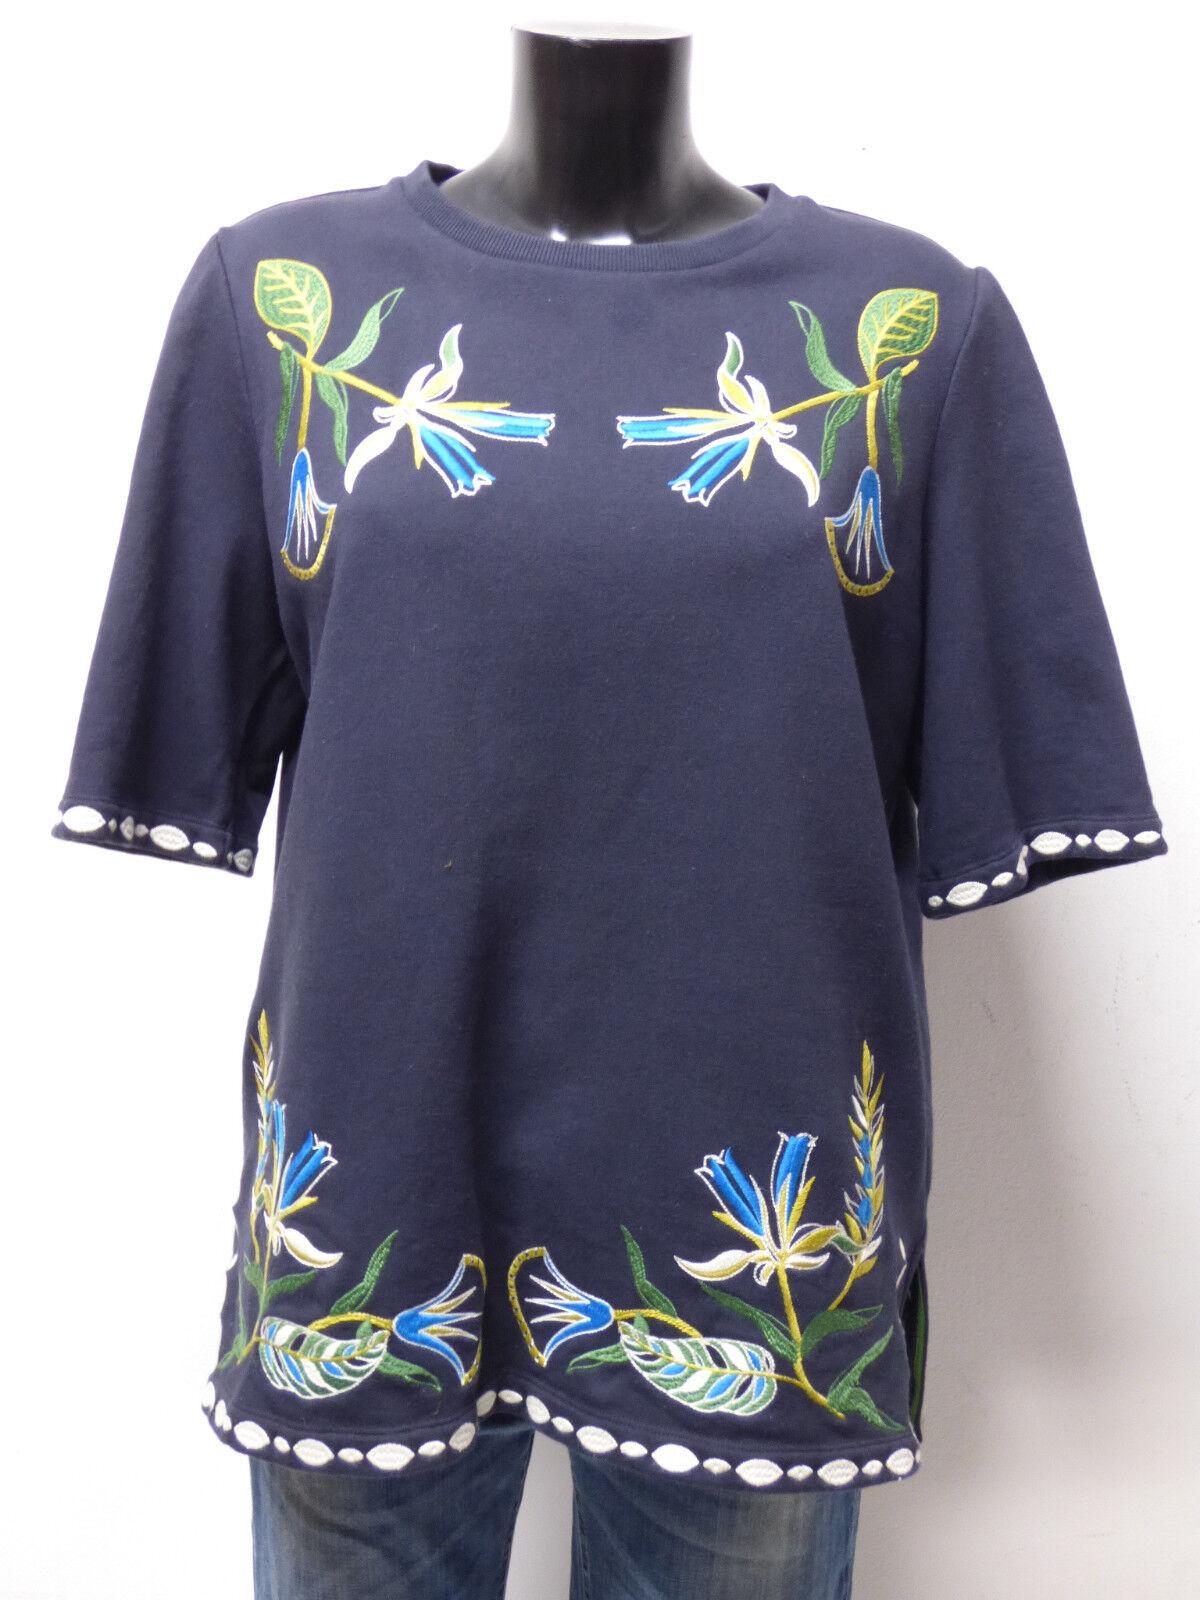 Tory Burch Jersey señora talla L de azul  con patrones & lujo pur (p 3597)  muchas concesiones